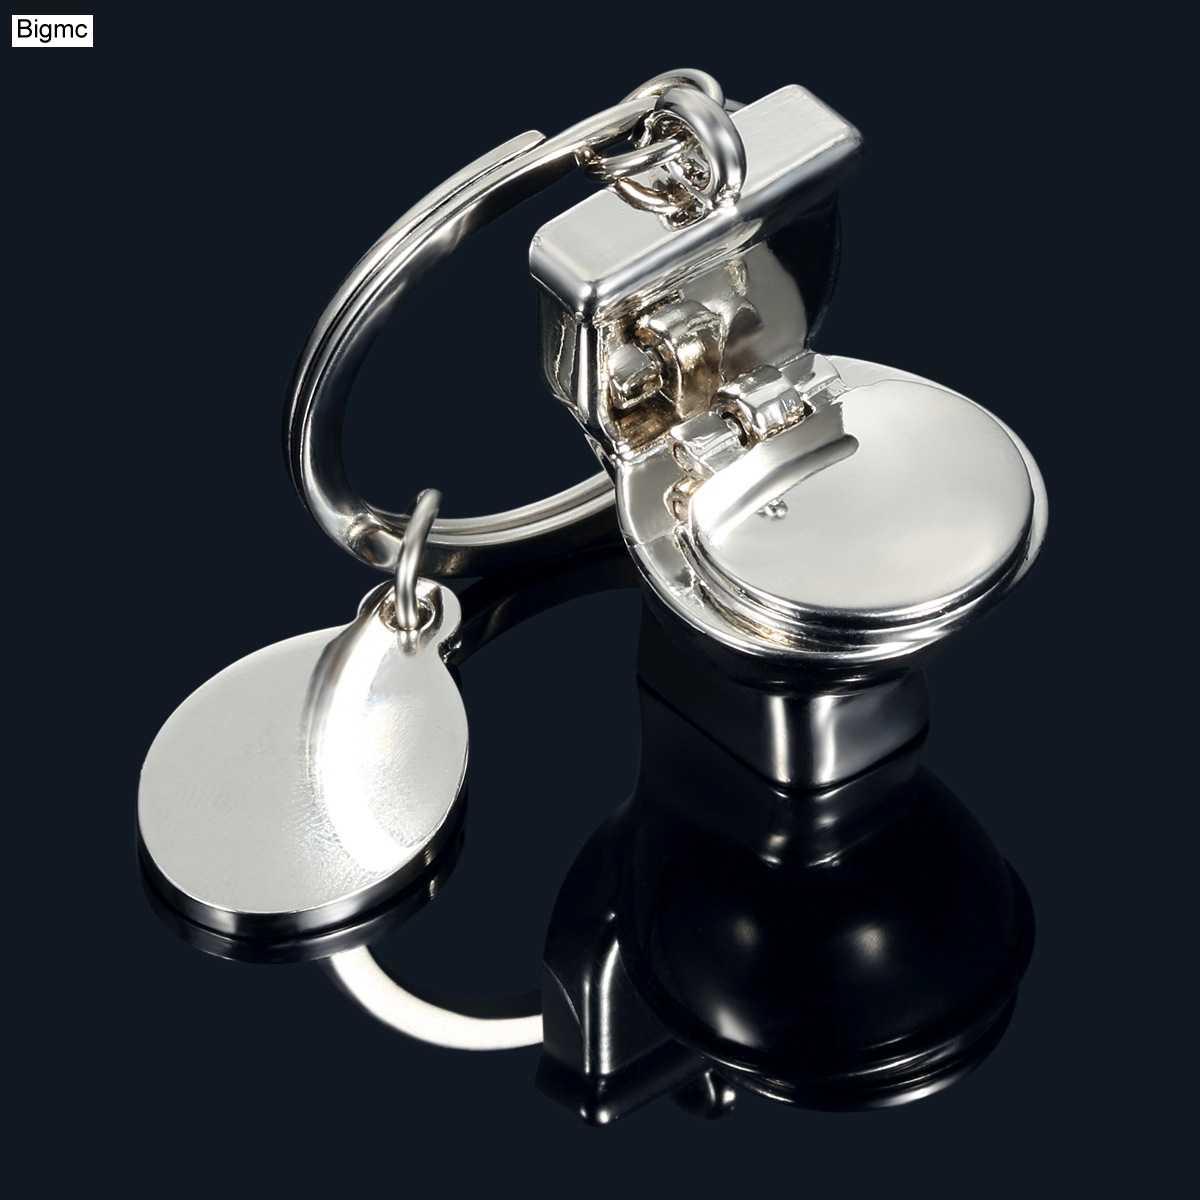 جديد المرحاض ميدالية مفاتيح معدنية الرجال النساء المرحاض حقيبة تويلت إكسسوارات جذابة سيارة مفتاح سلسلة مفاتيح حلقية موضة حفلة هدية مجوهرات K1312